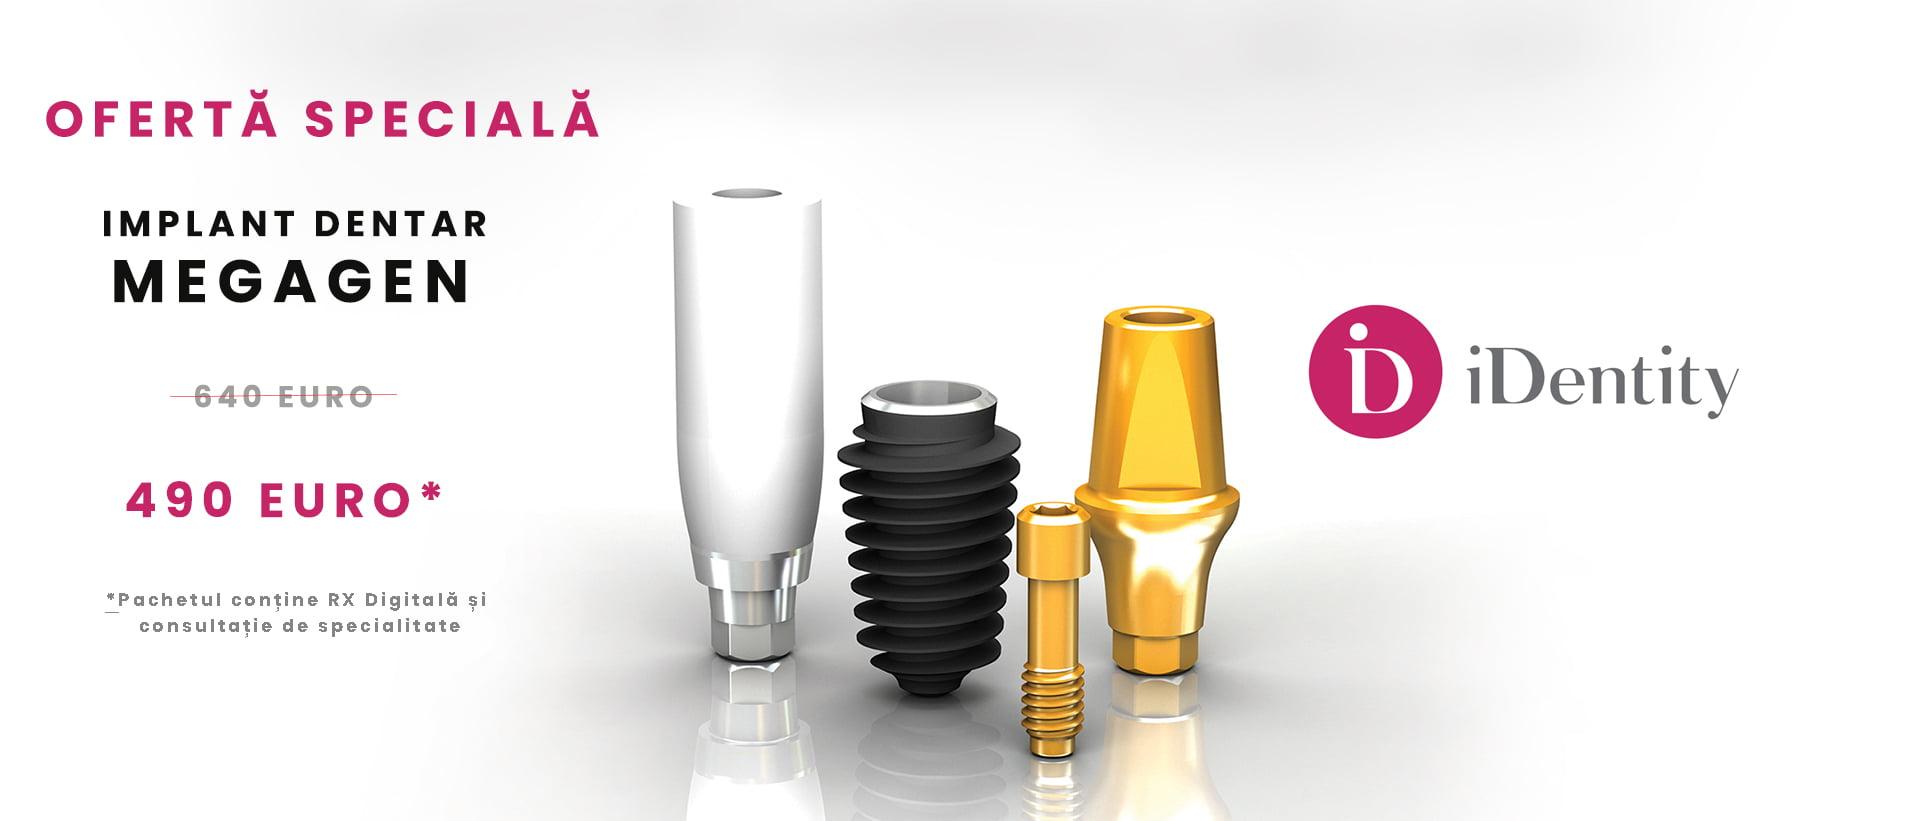 Megagen, cea mai avantajoasa solutie pentru implanturi dentare de top